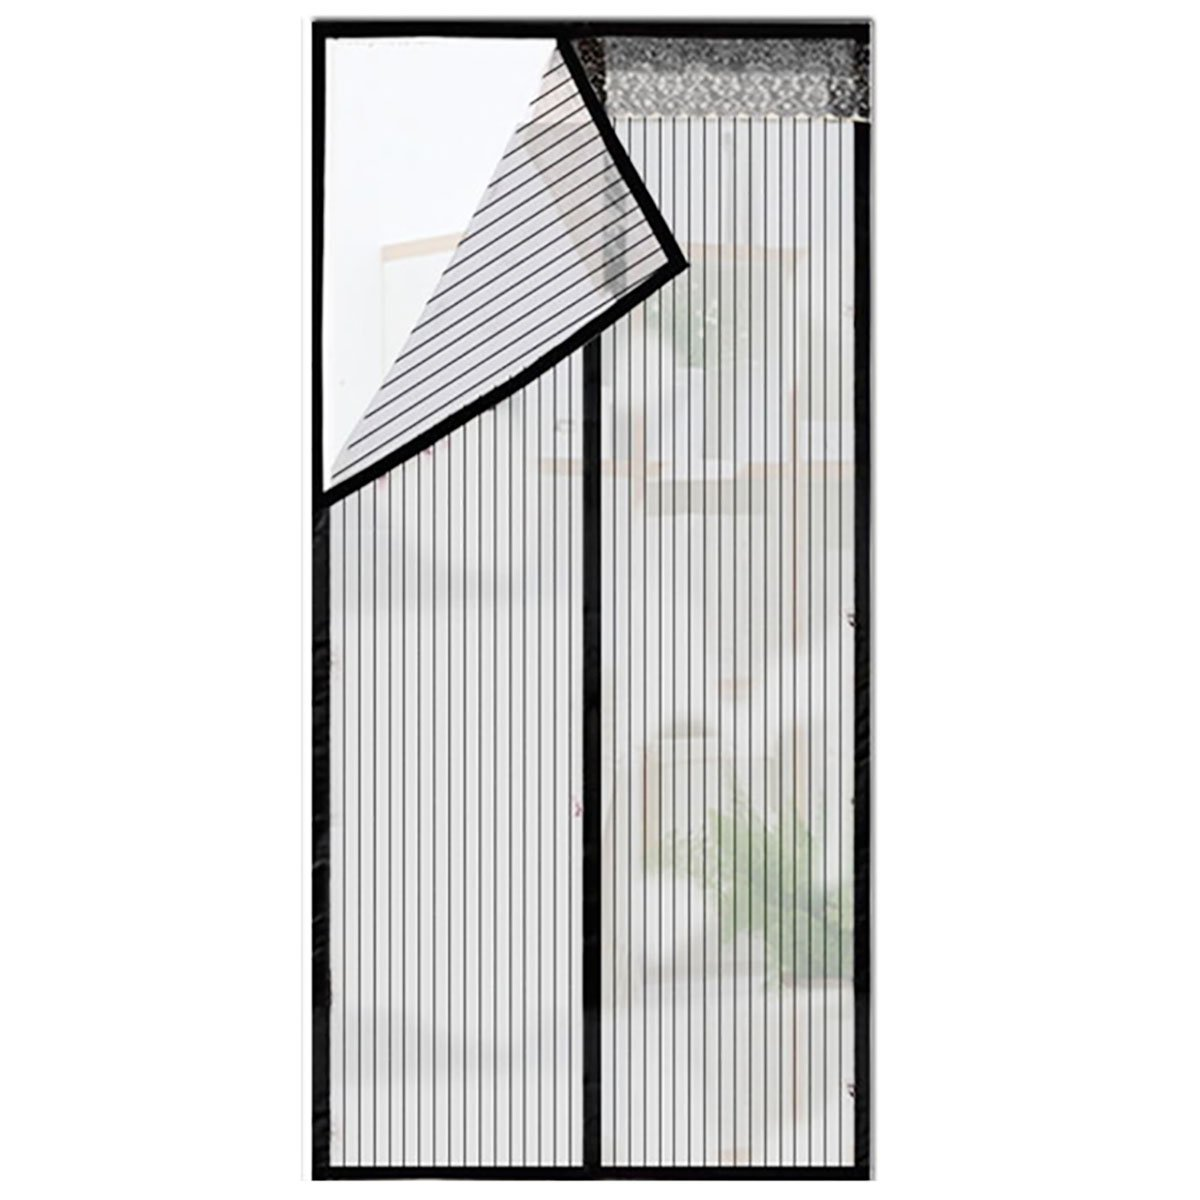 Q&F Puerta De Pantalla Magnética,Cortinas para Puertas De Malla,Puertas Correderas,Garaje,Barco De Pesca,Super Silencioso,Manos Libres-Deje Aire En-Negro 240x270cm(94x106inch): Amazon.es: Hogar